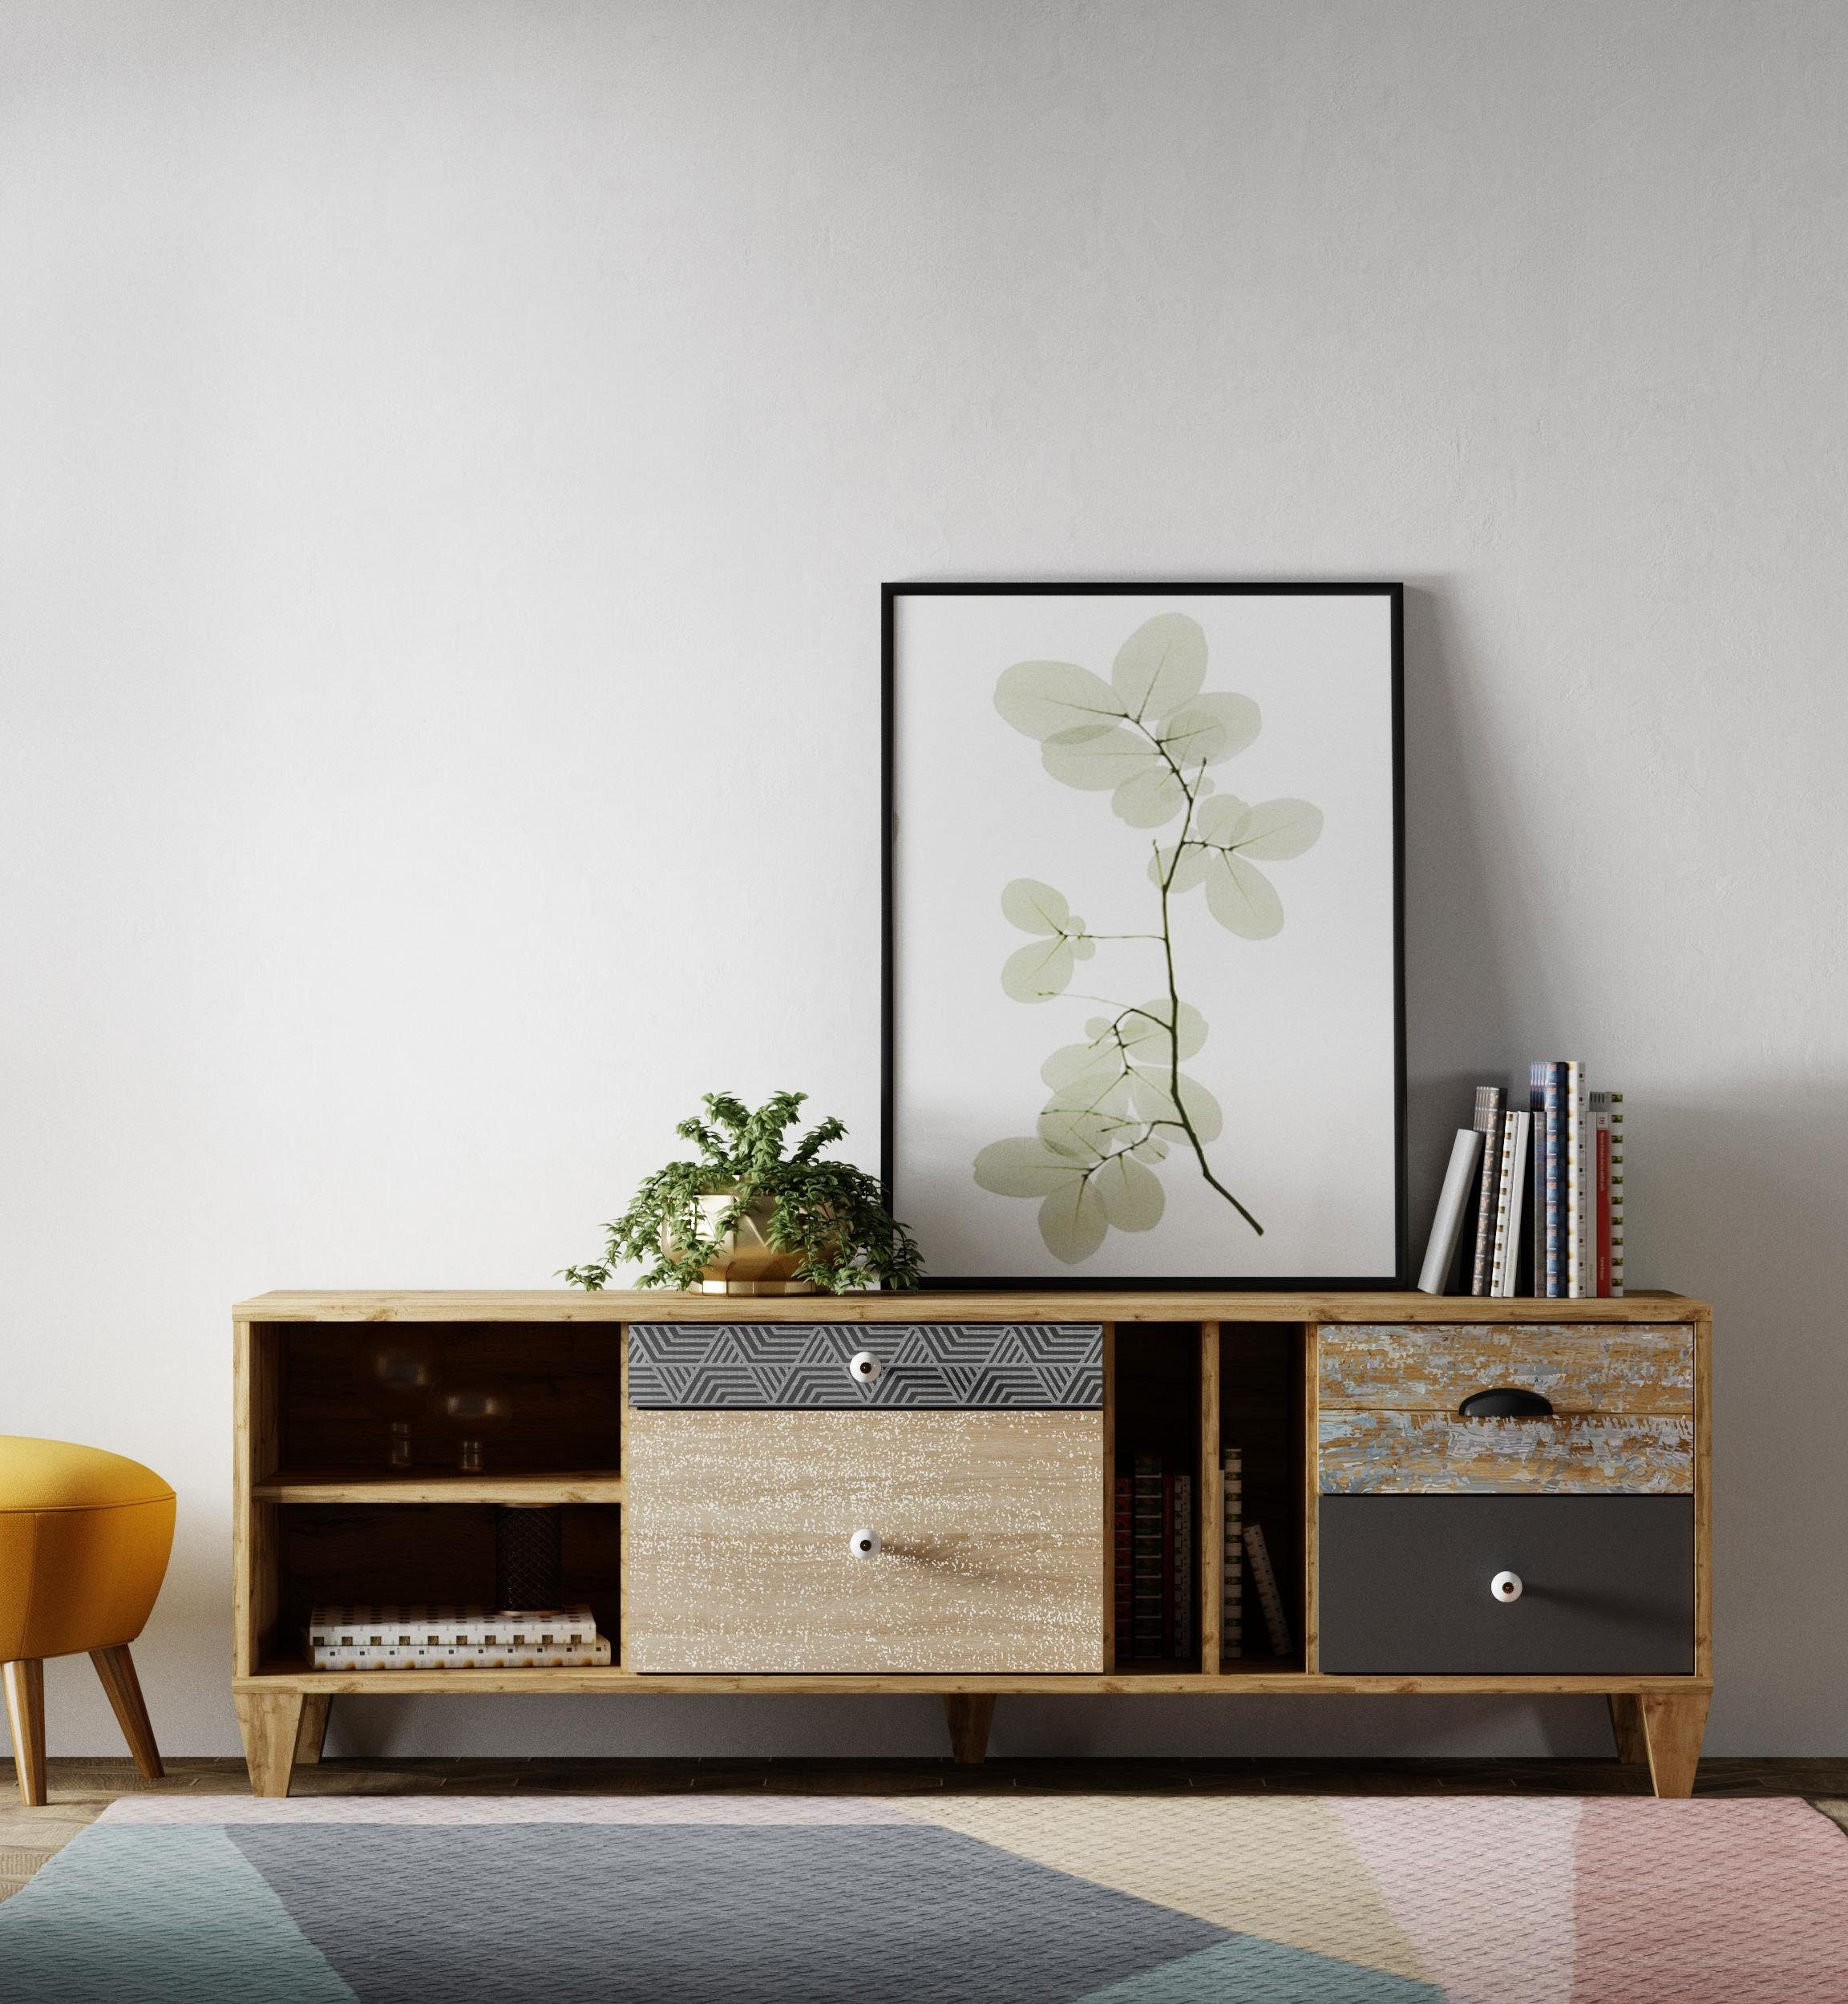 Home affaire Lowboard »Oker«, Breite 147 cm